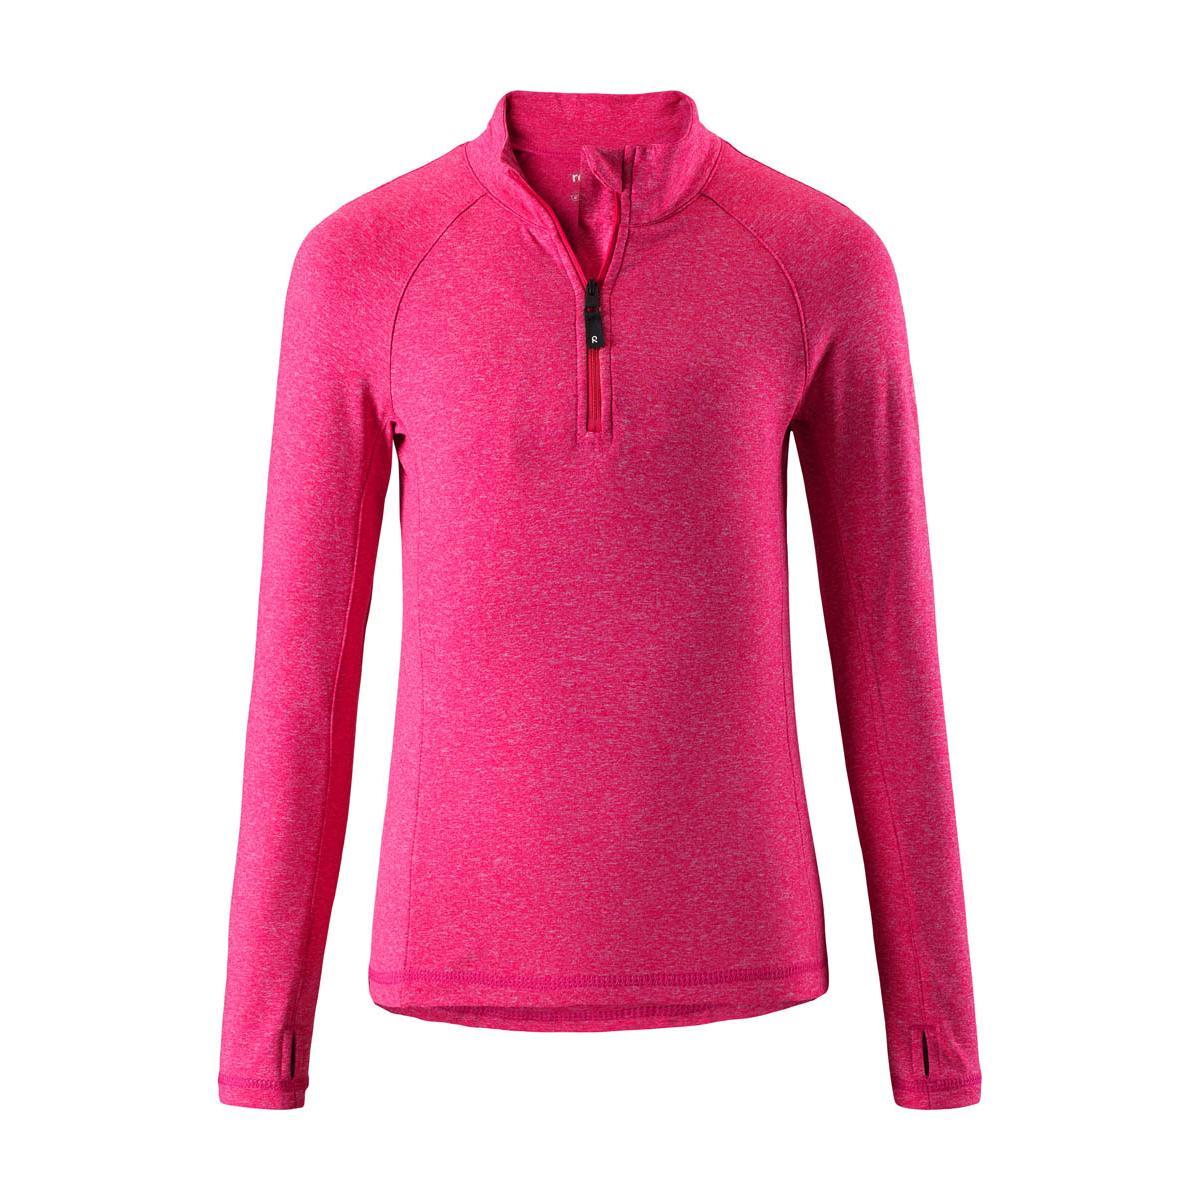 Купить Джемпер горнолыжный Reima 2017-18 Still Berry, Детская одежда, 1351798